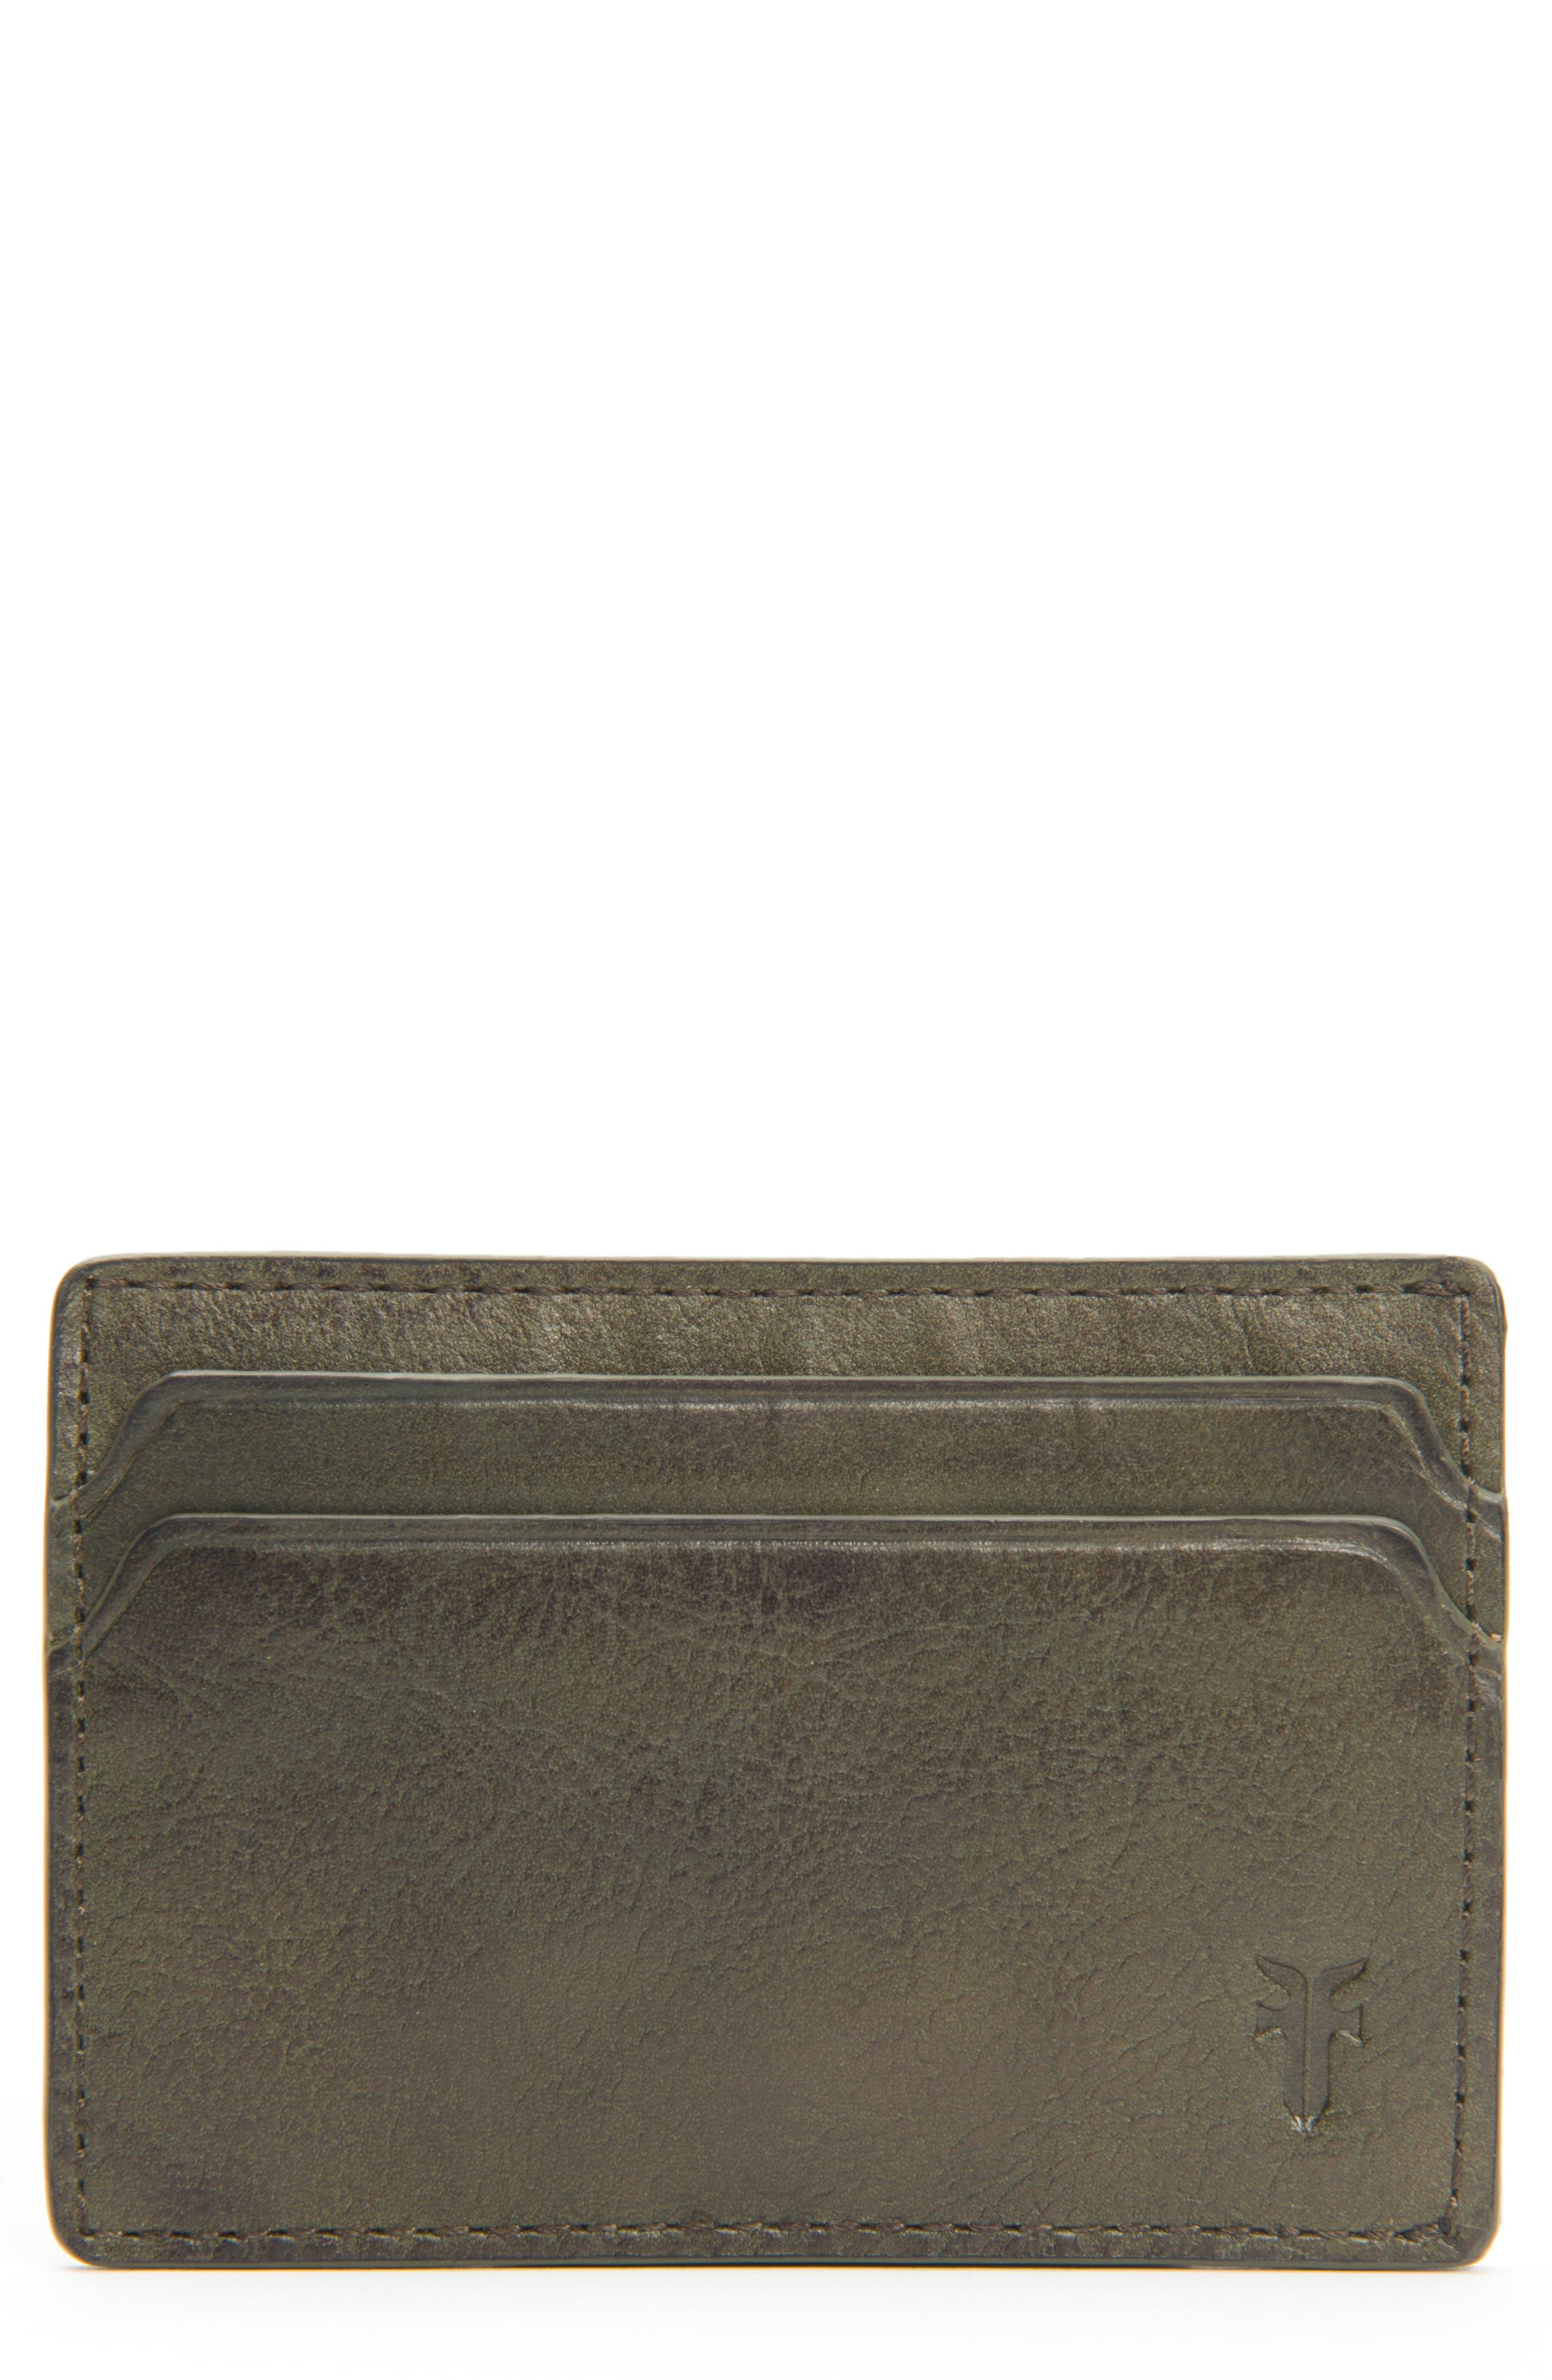 Oliver Leather Card Case,                         Main,                         color, OLIVE